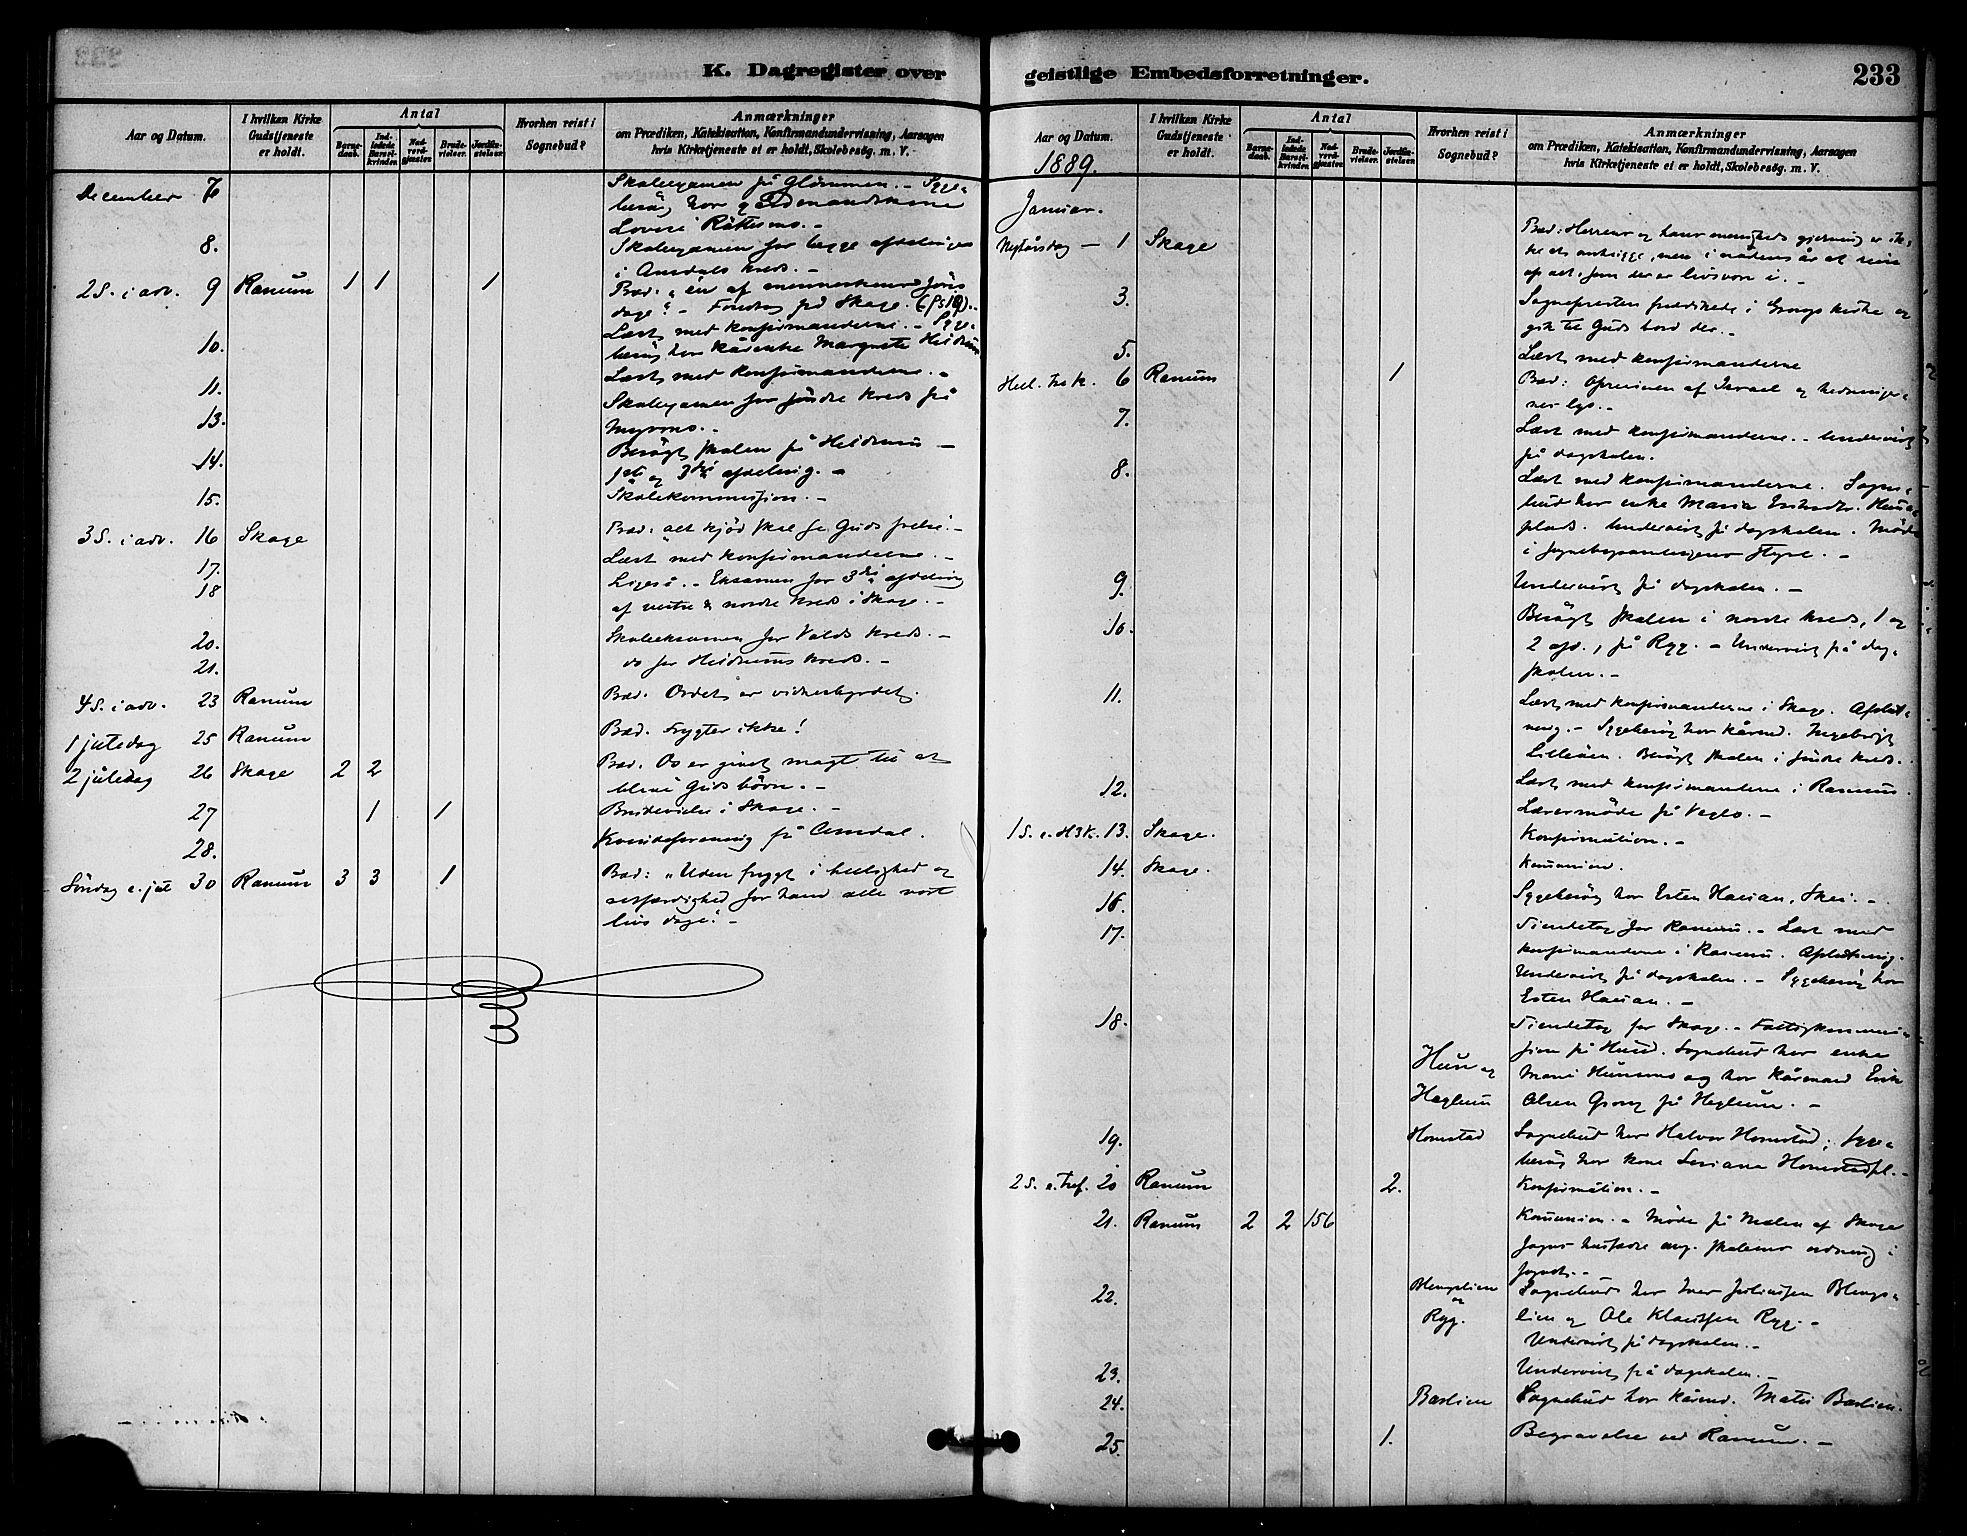 SAT, Ministerialprotokoller, klokkerbøker og fødselsregistre - Nord-Trøndelag, 764/L0555: Ministerialbok nr. 764A10, 1881-1896, s. 233